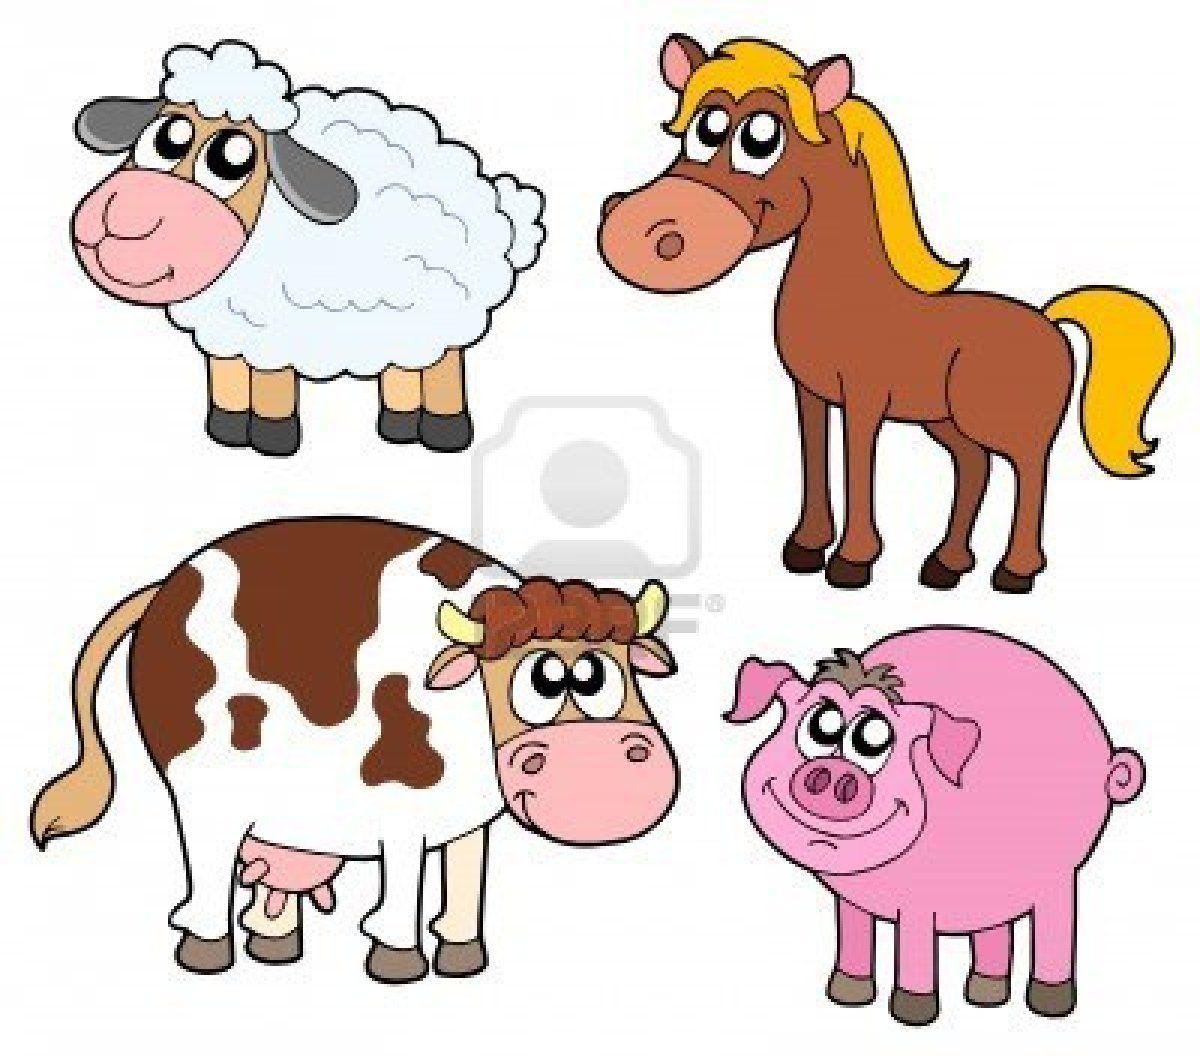 Dessin en couleurs imprimer animaux num ro 196900 images dessin couleur dessin et animaux - Animaux a imprimer en couleur ...